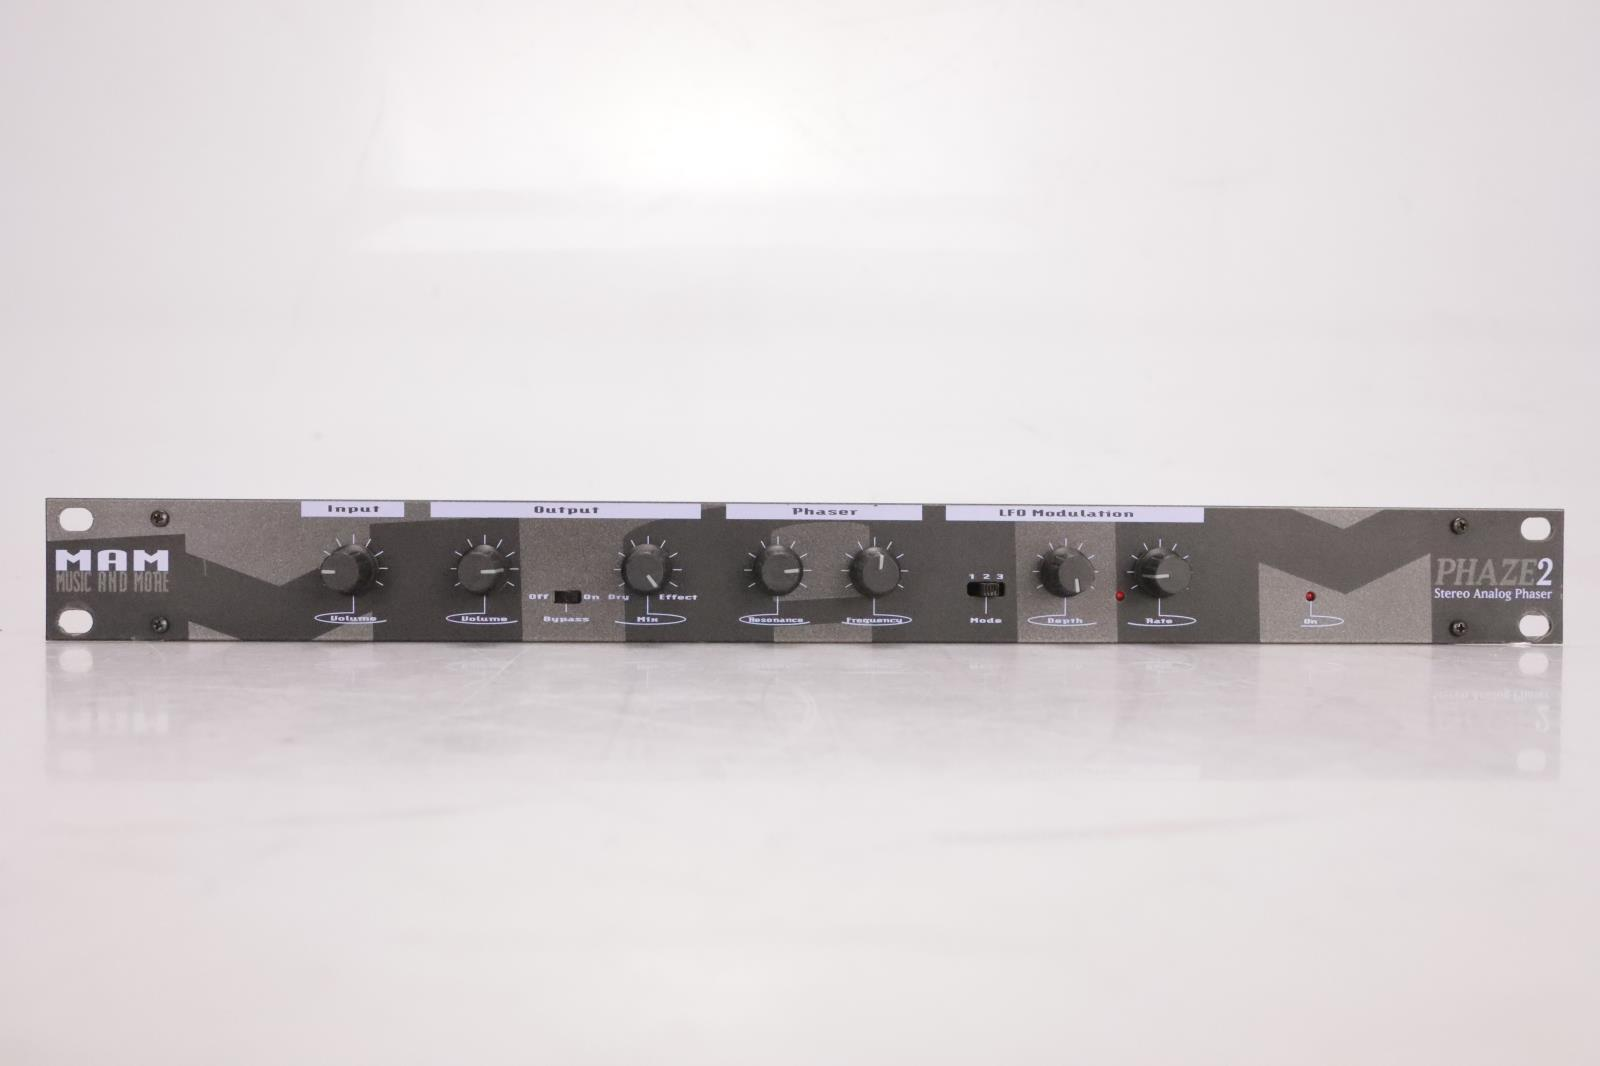 MAM Music and More Phaze 2 Stereo Analog Phaser #36959